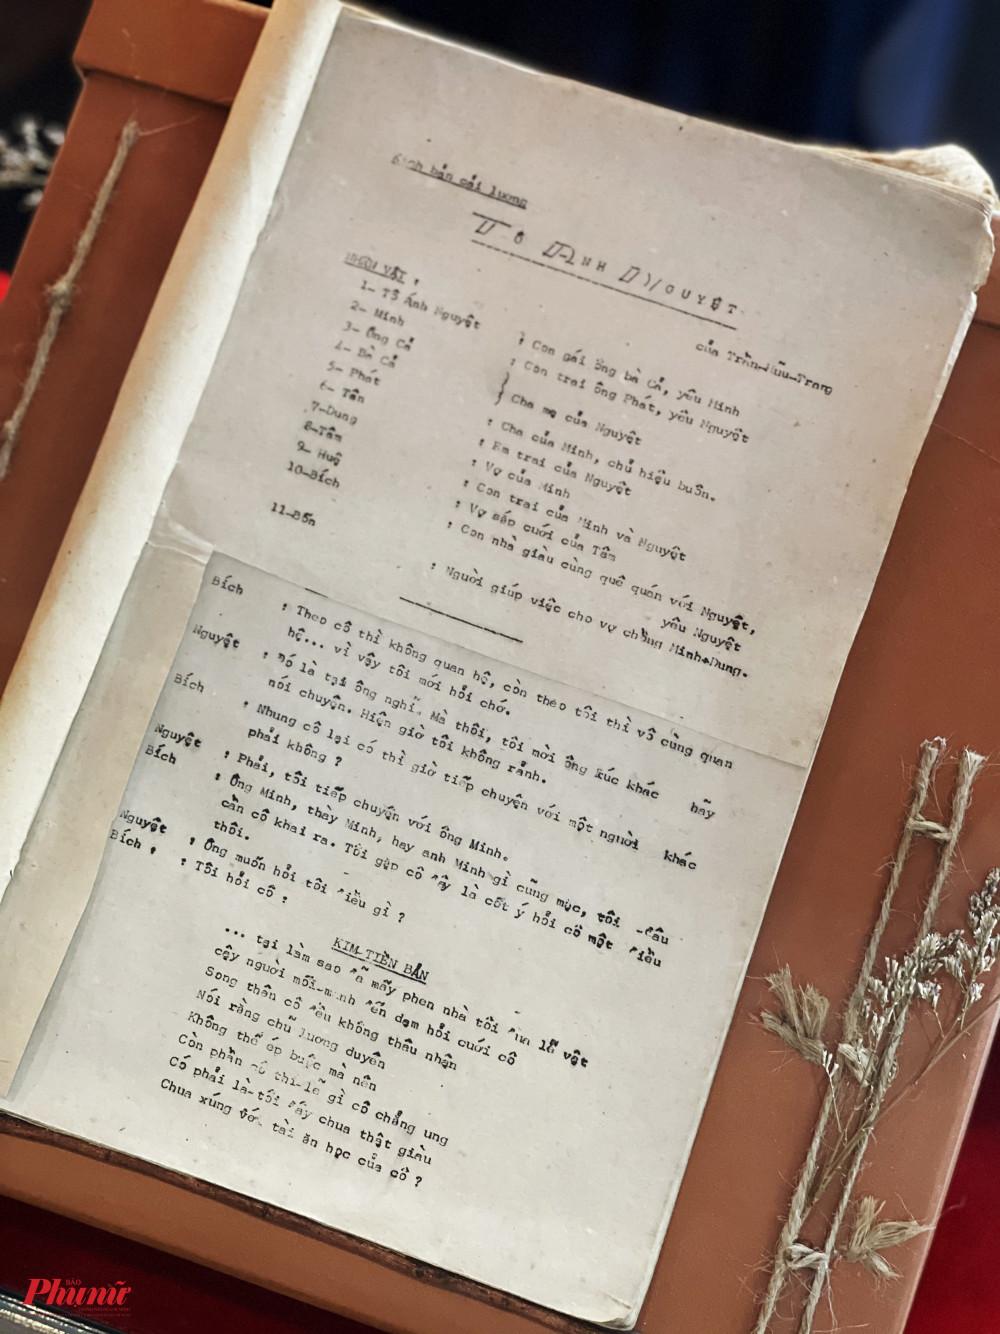 Nhắc đến sự nghiệp rực rỡ của soạn giả Trần Hữu Trang cũng không thể quên đi kịch bản Tô Ánh Nguyệt. Vở diễn này đã góp phần làm nên tên tuổi của rất nhiều nghệ sĩ như: NSND Bạch Tuyết, NSND Lệ Thuỷ, NSND Minh Vương...